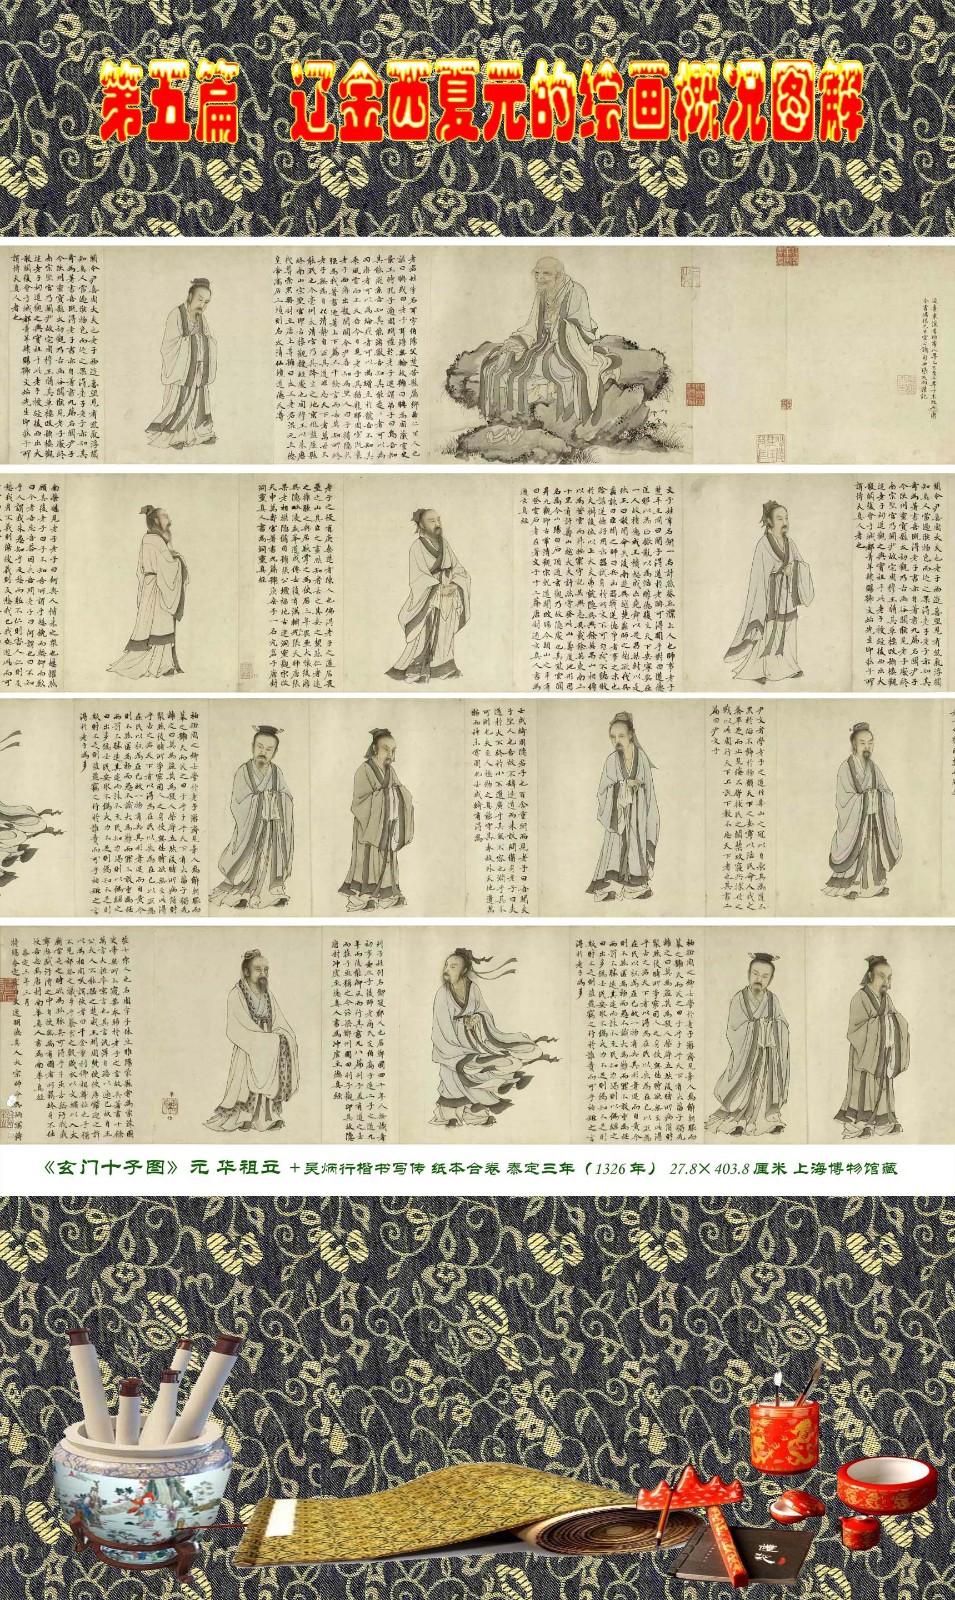 顾绍骅编辑 中国画知识普及版 第五篇 辽金西夏元的绘画概况 下 ... ..._图1-82